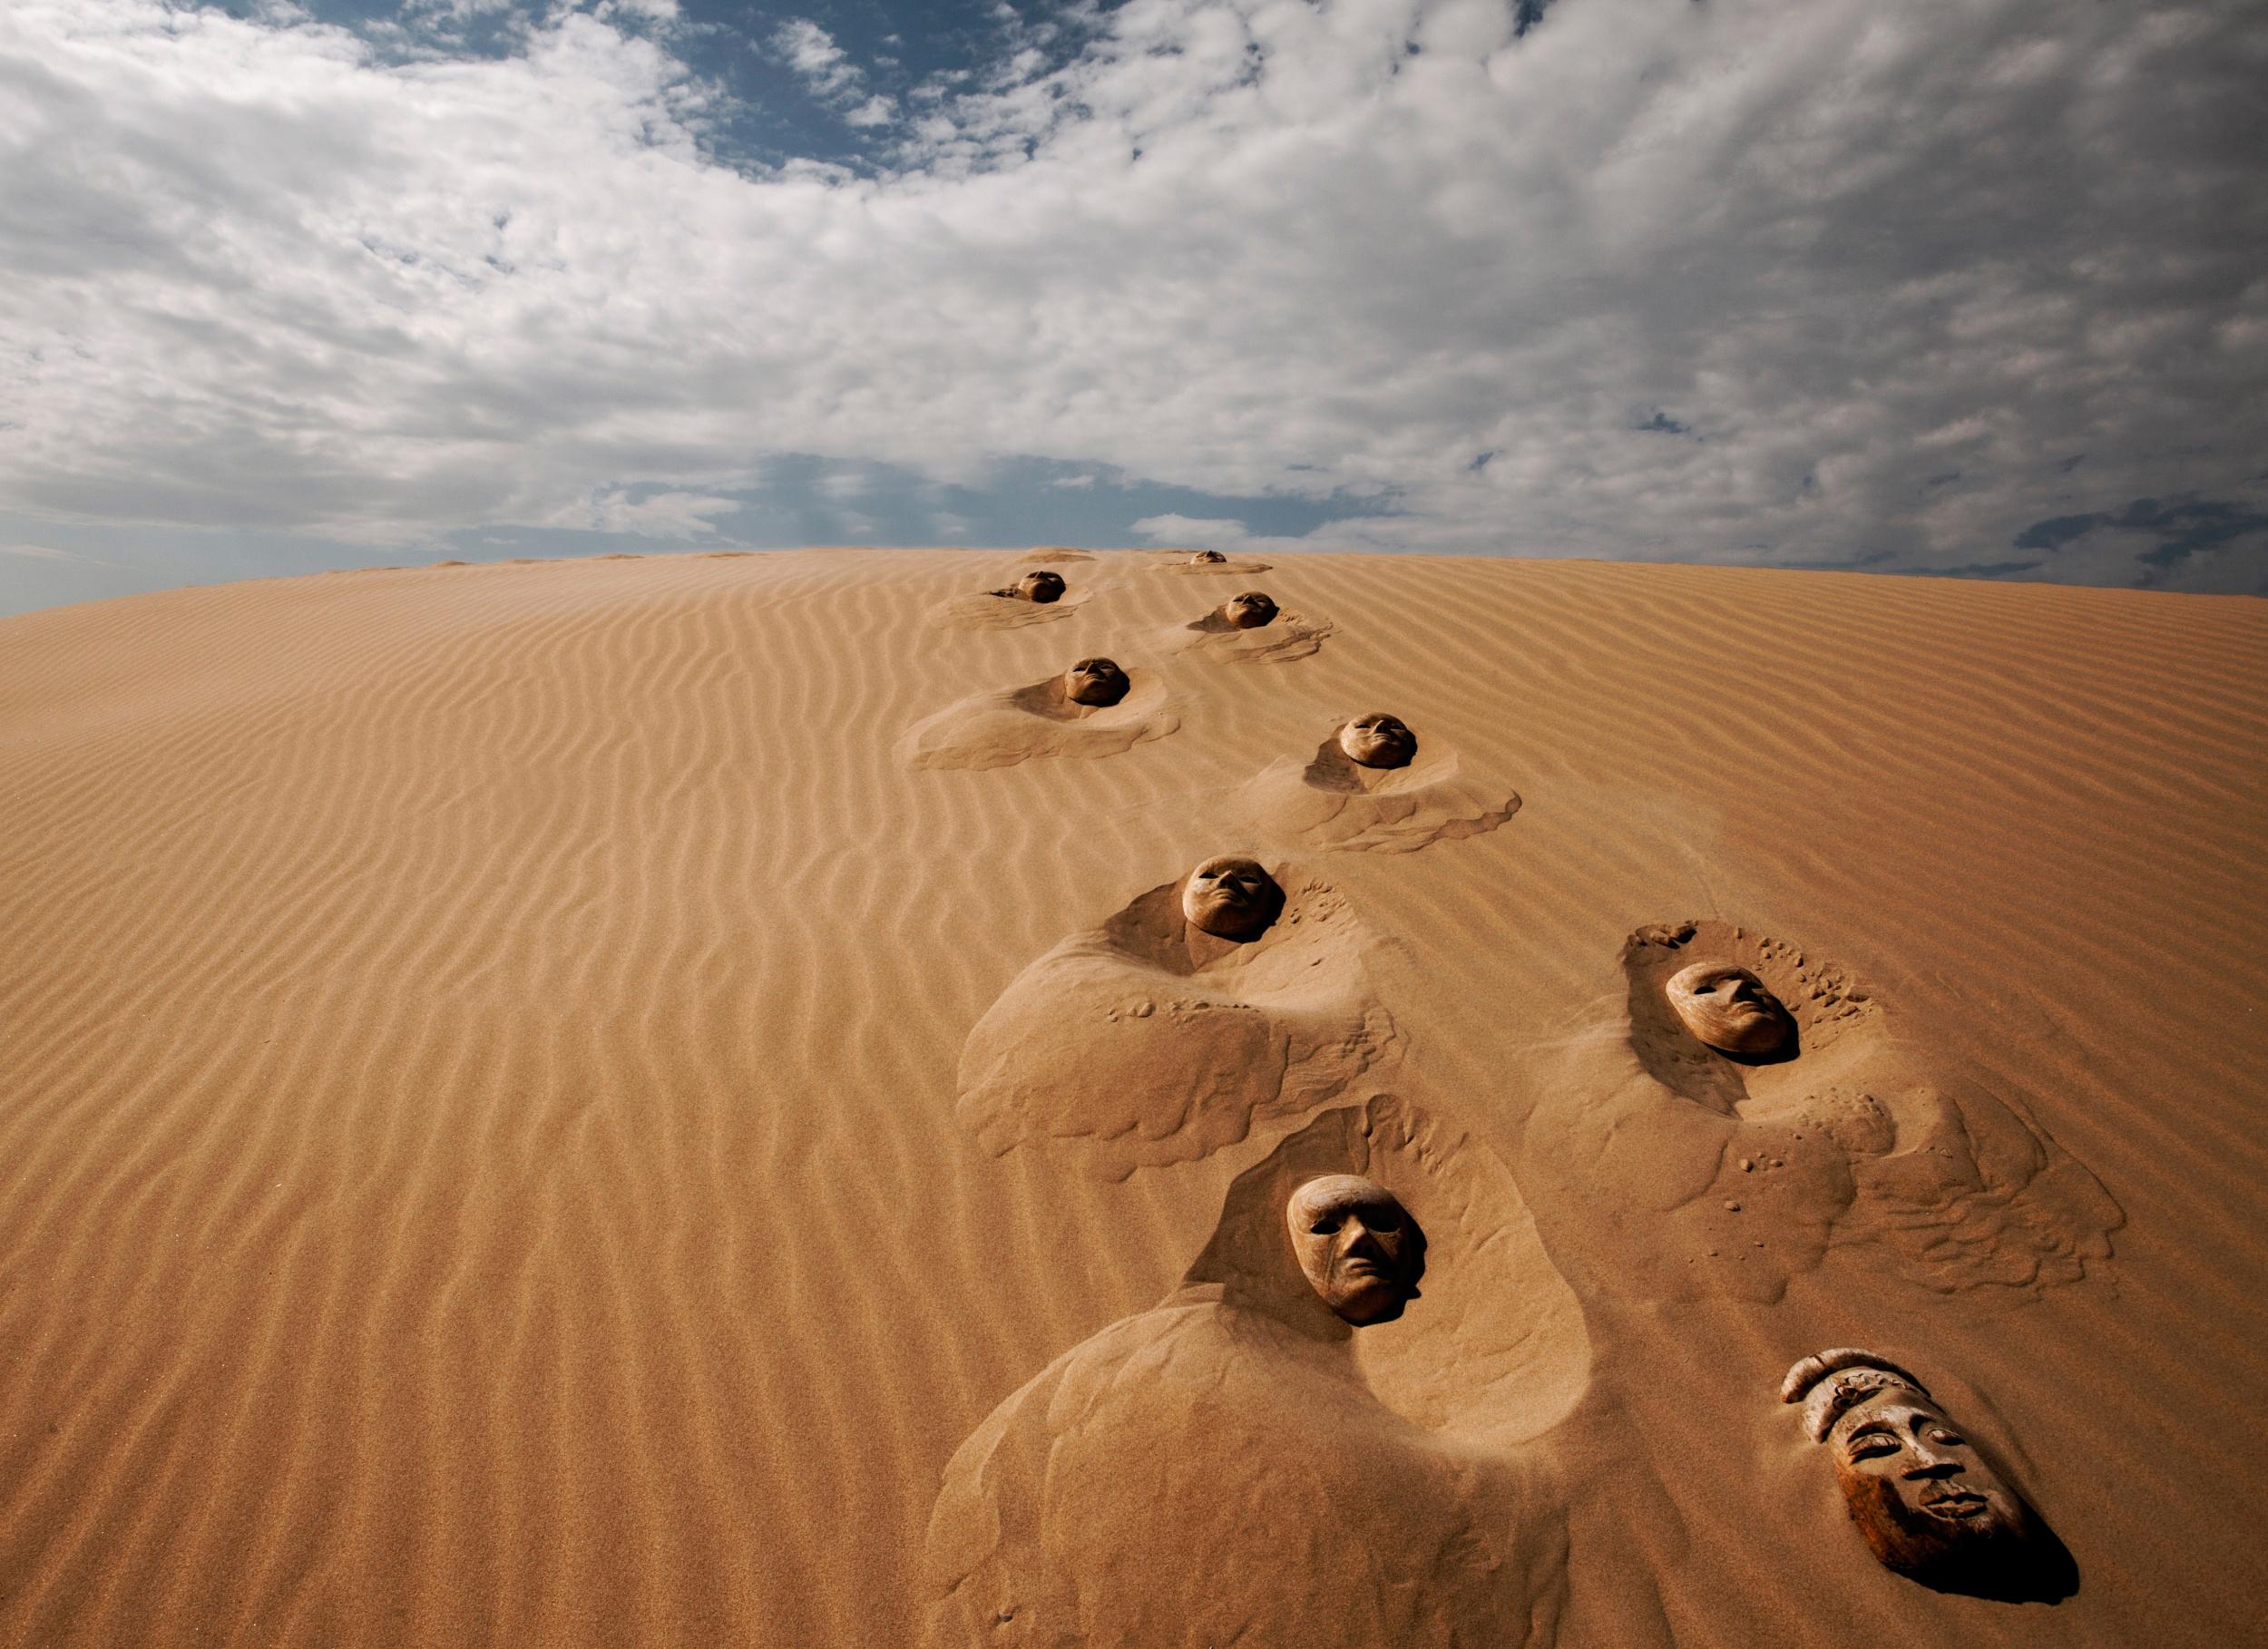 След на песке  № 2499349 загрузить